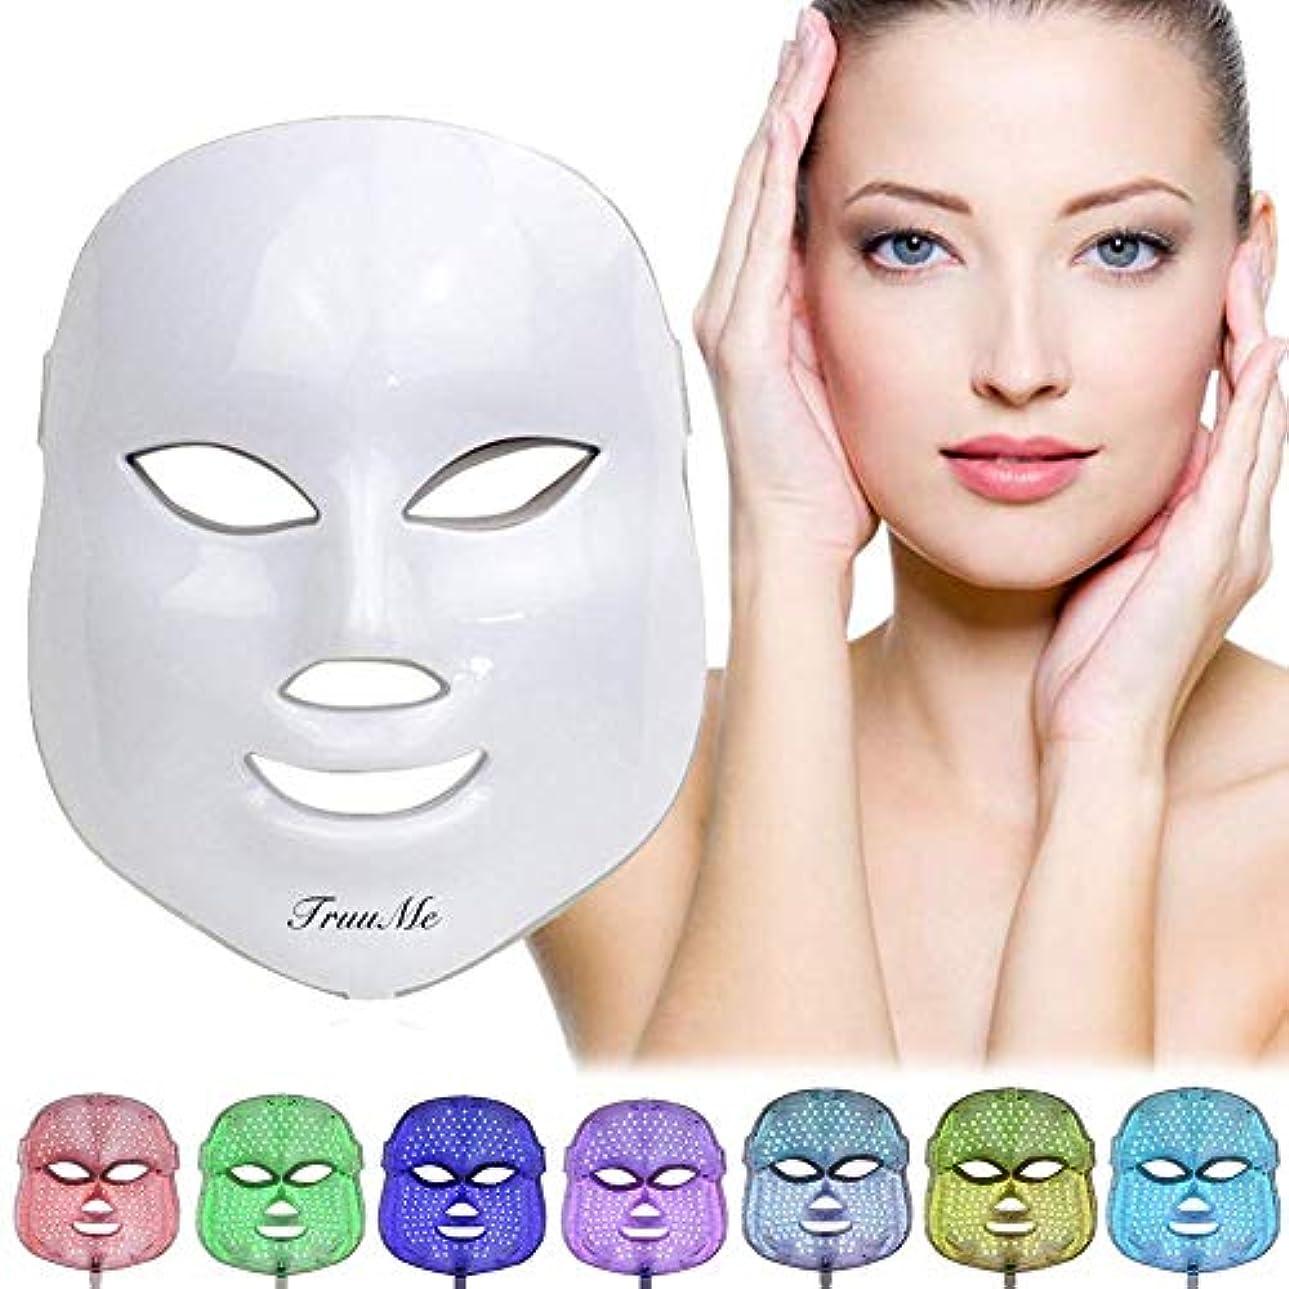 咳いろいろ一緒にLEDフェイスマスク、ライトセラピーニキビマスク、LEDフェイシャルマスク、光線療法マスク、LEDエレクトリックフェイシャルマスク、7色光治療、ニキビ治療用マスク、斑点、にきび、皮膚のシミ